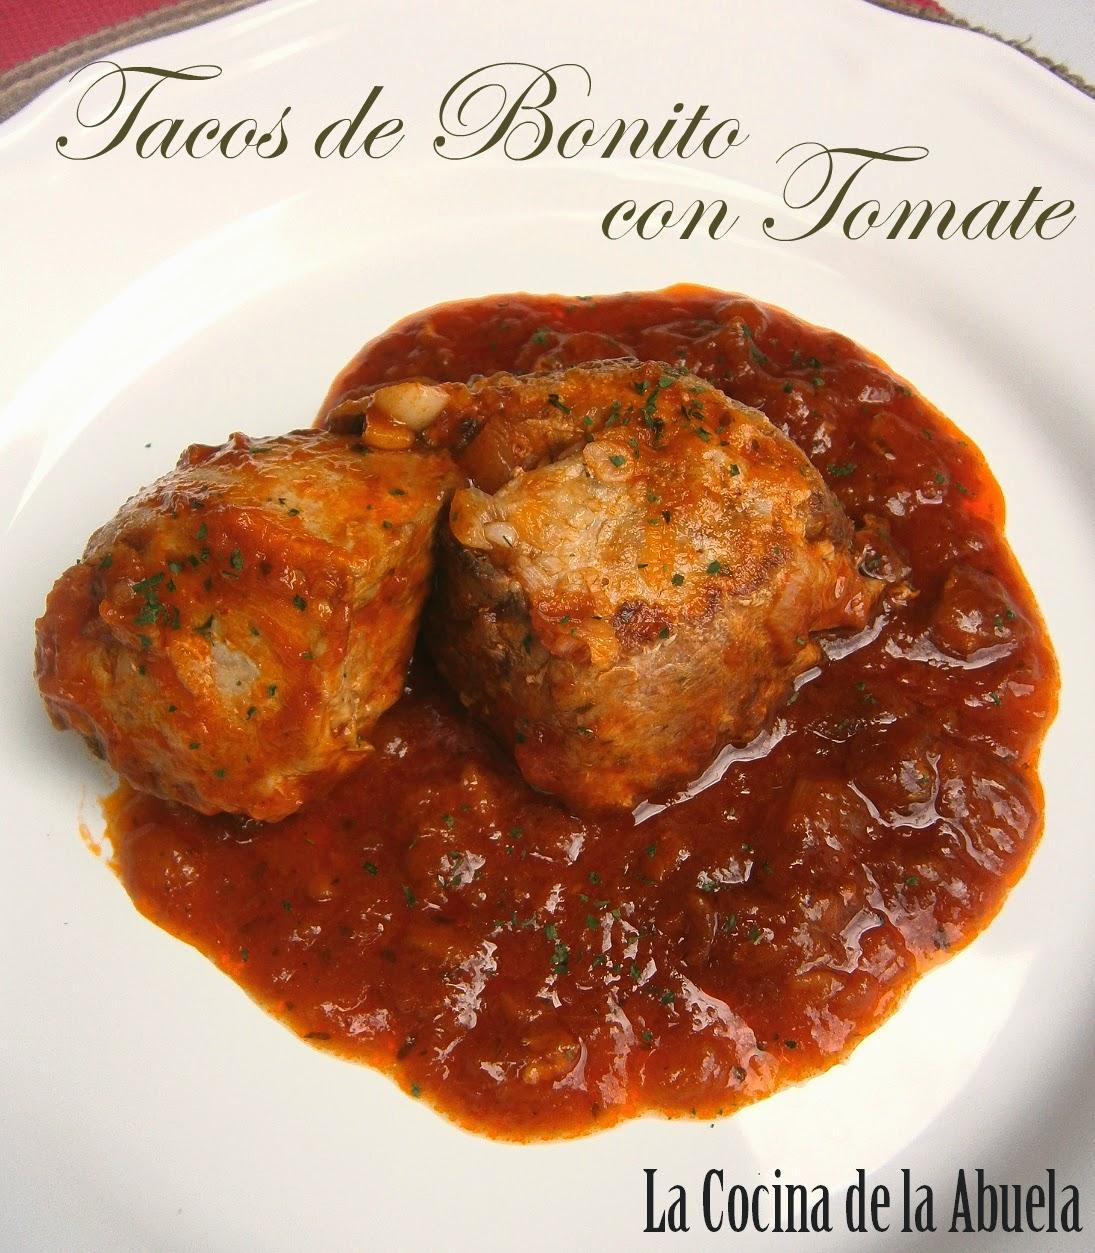 Tacos de Bonito con Tomate